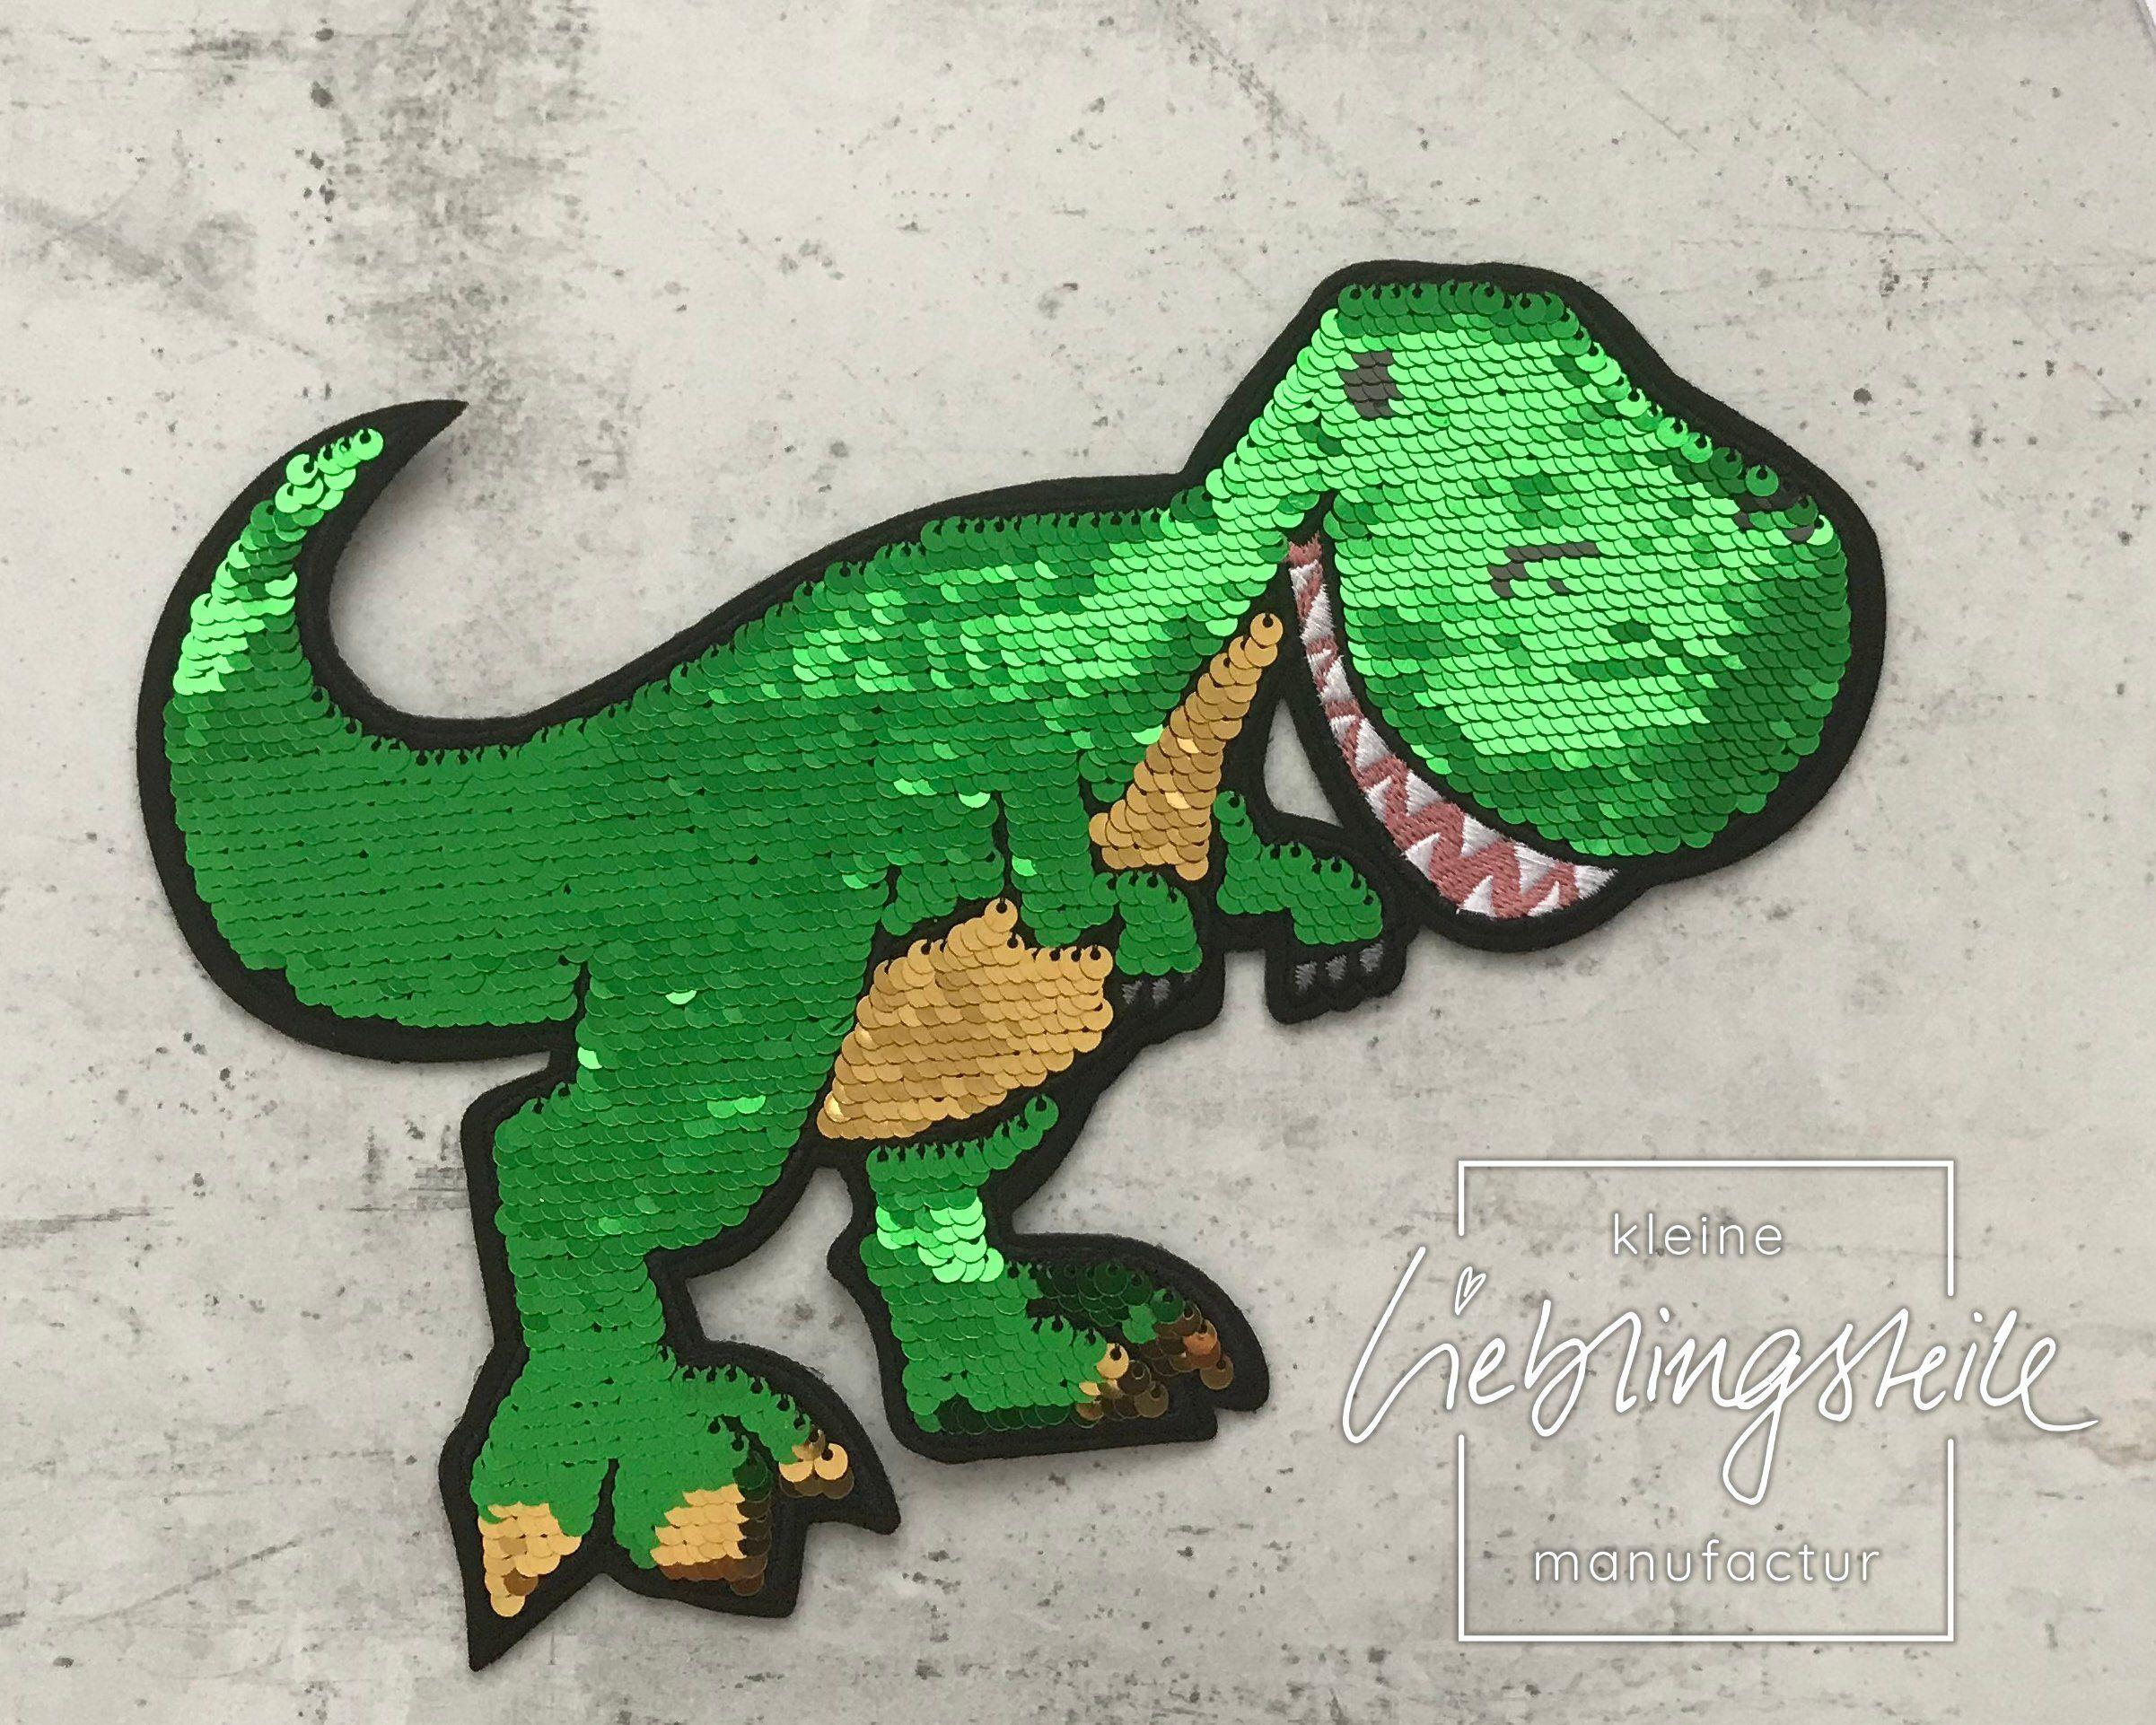 malvorlagen dinosaurier t rex preis  aiquruguay